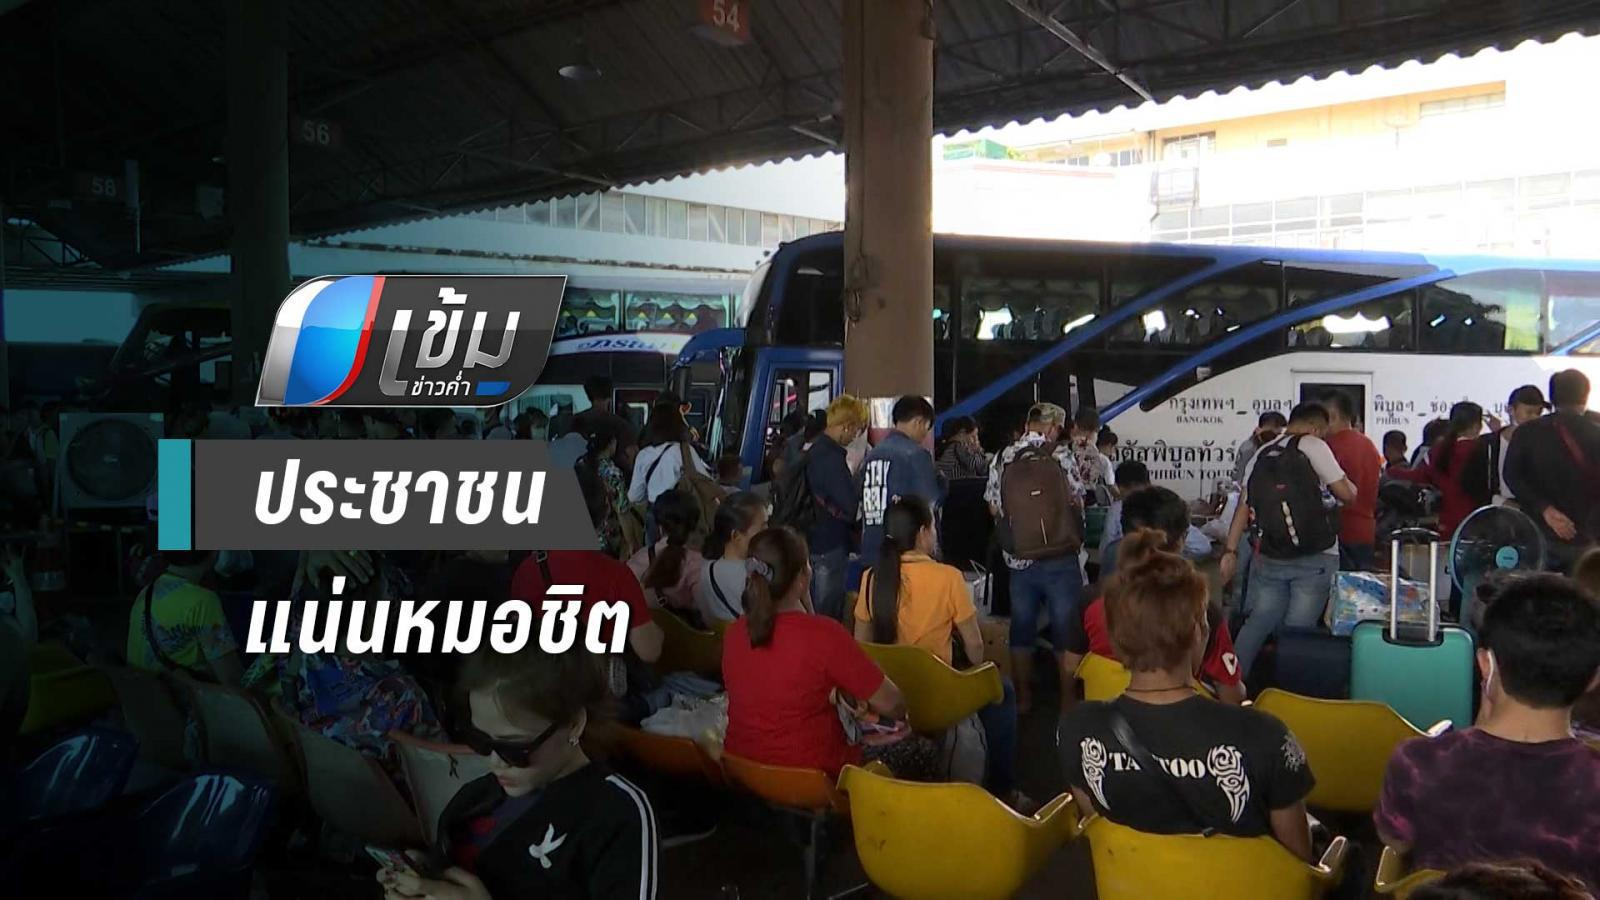 ประชาชน รอเดินทางกลับบ้านสงกรานต์ 62 แน่นหมอชิต